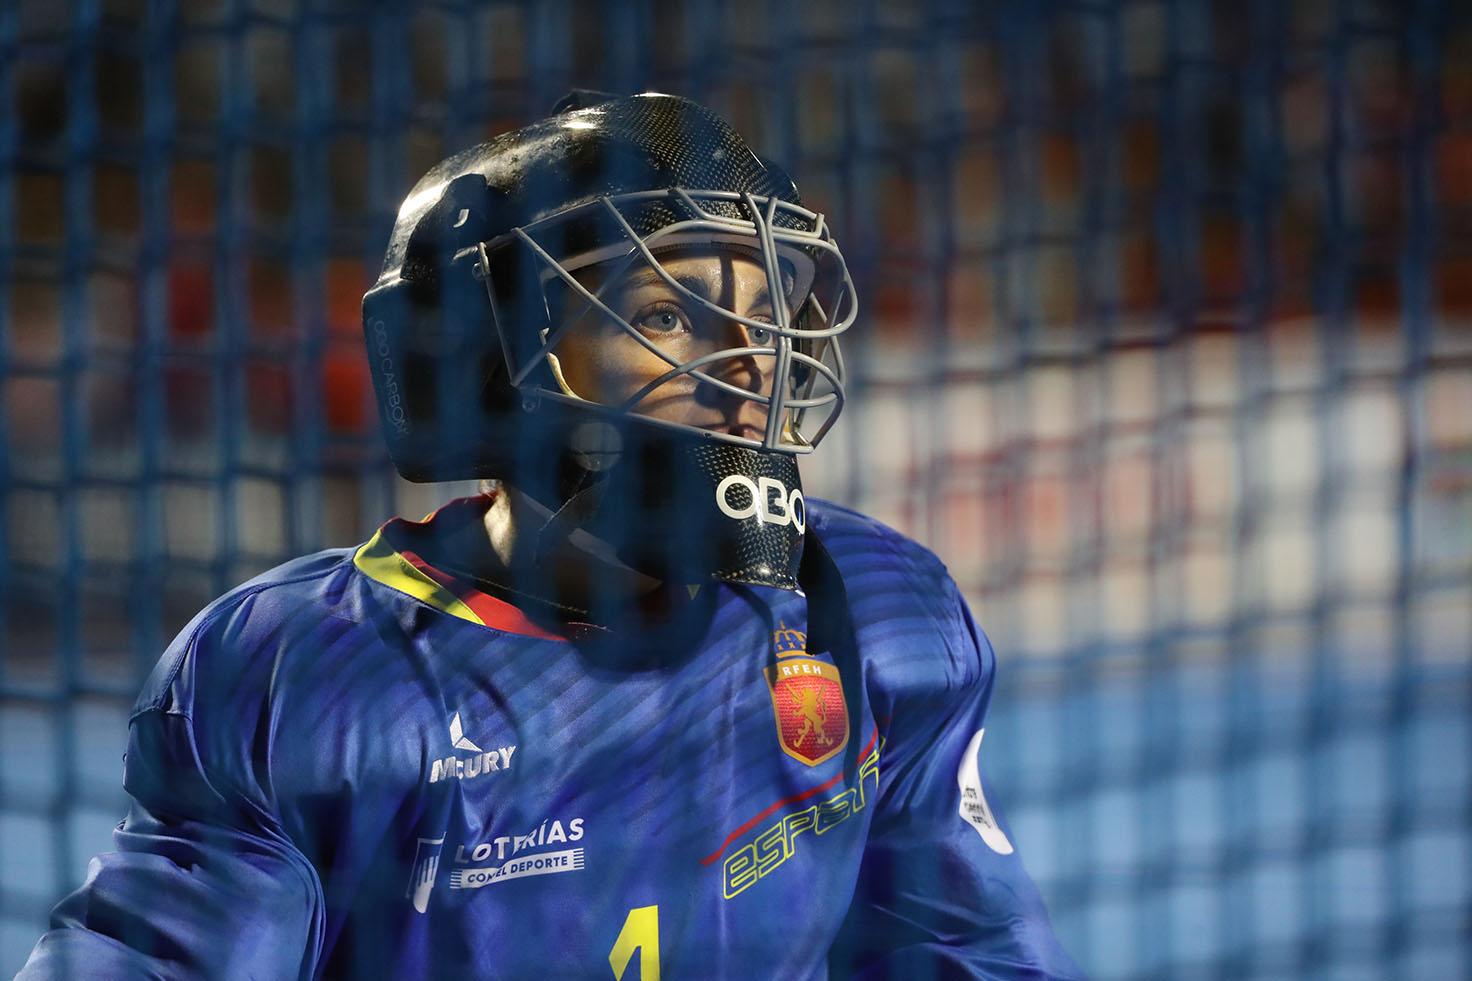 Preolimpico (Valencia) - Selección Española Absoluta de Hockey Hierba